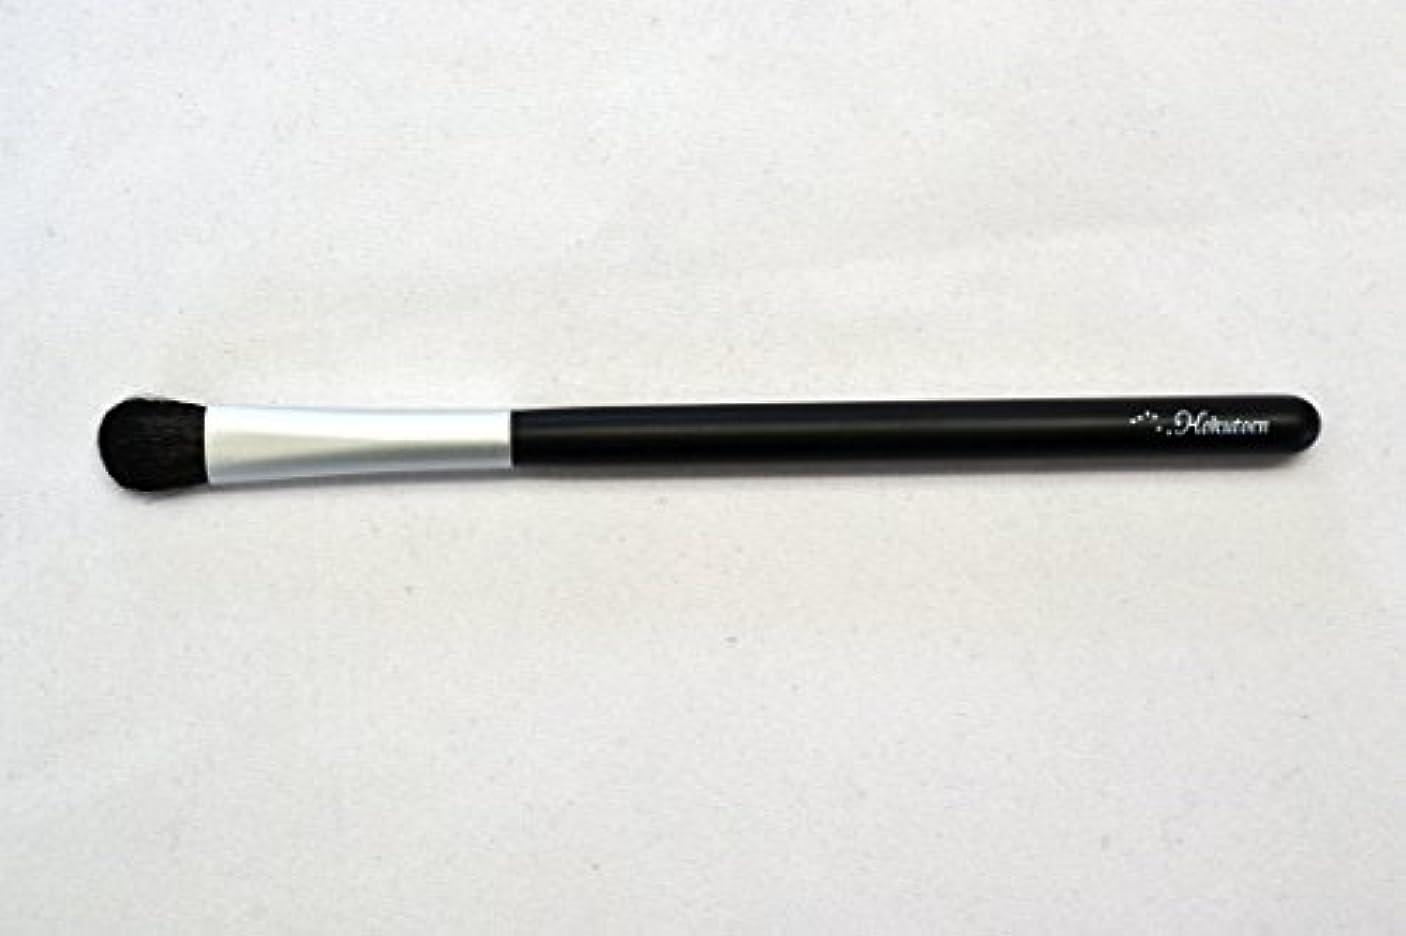 でるレガシータバコ熊野筆 北斗園 Kシリーズ アイシャドウライナーブラシ(黒銀)